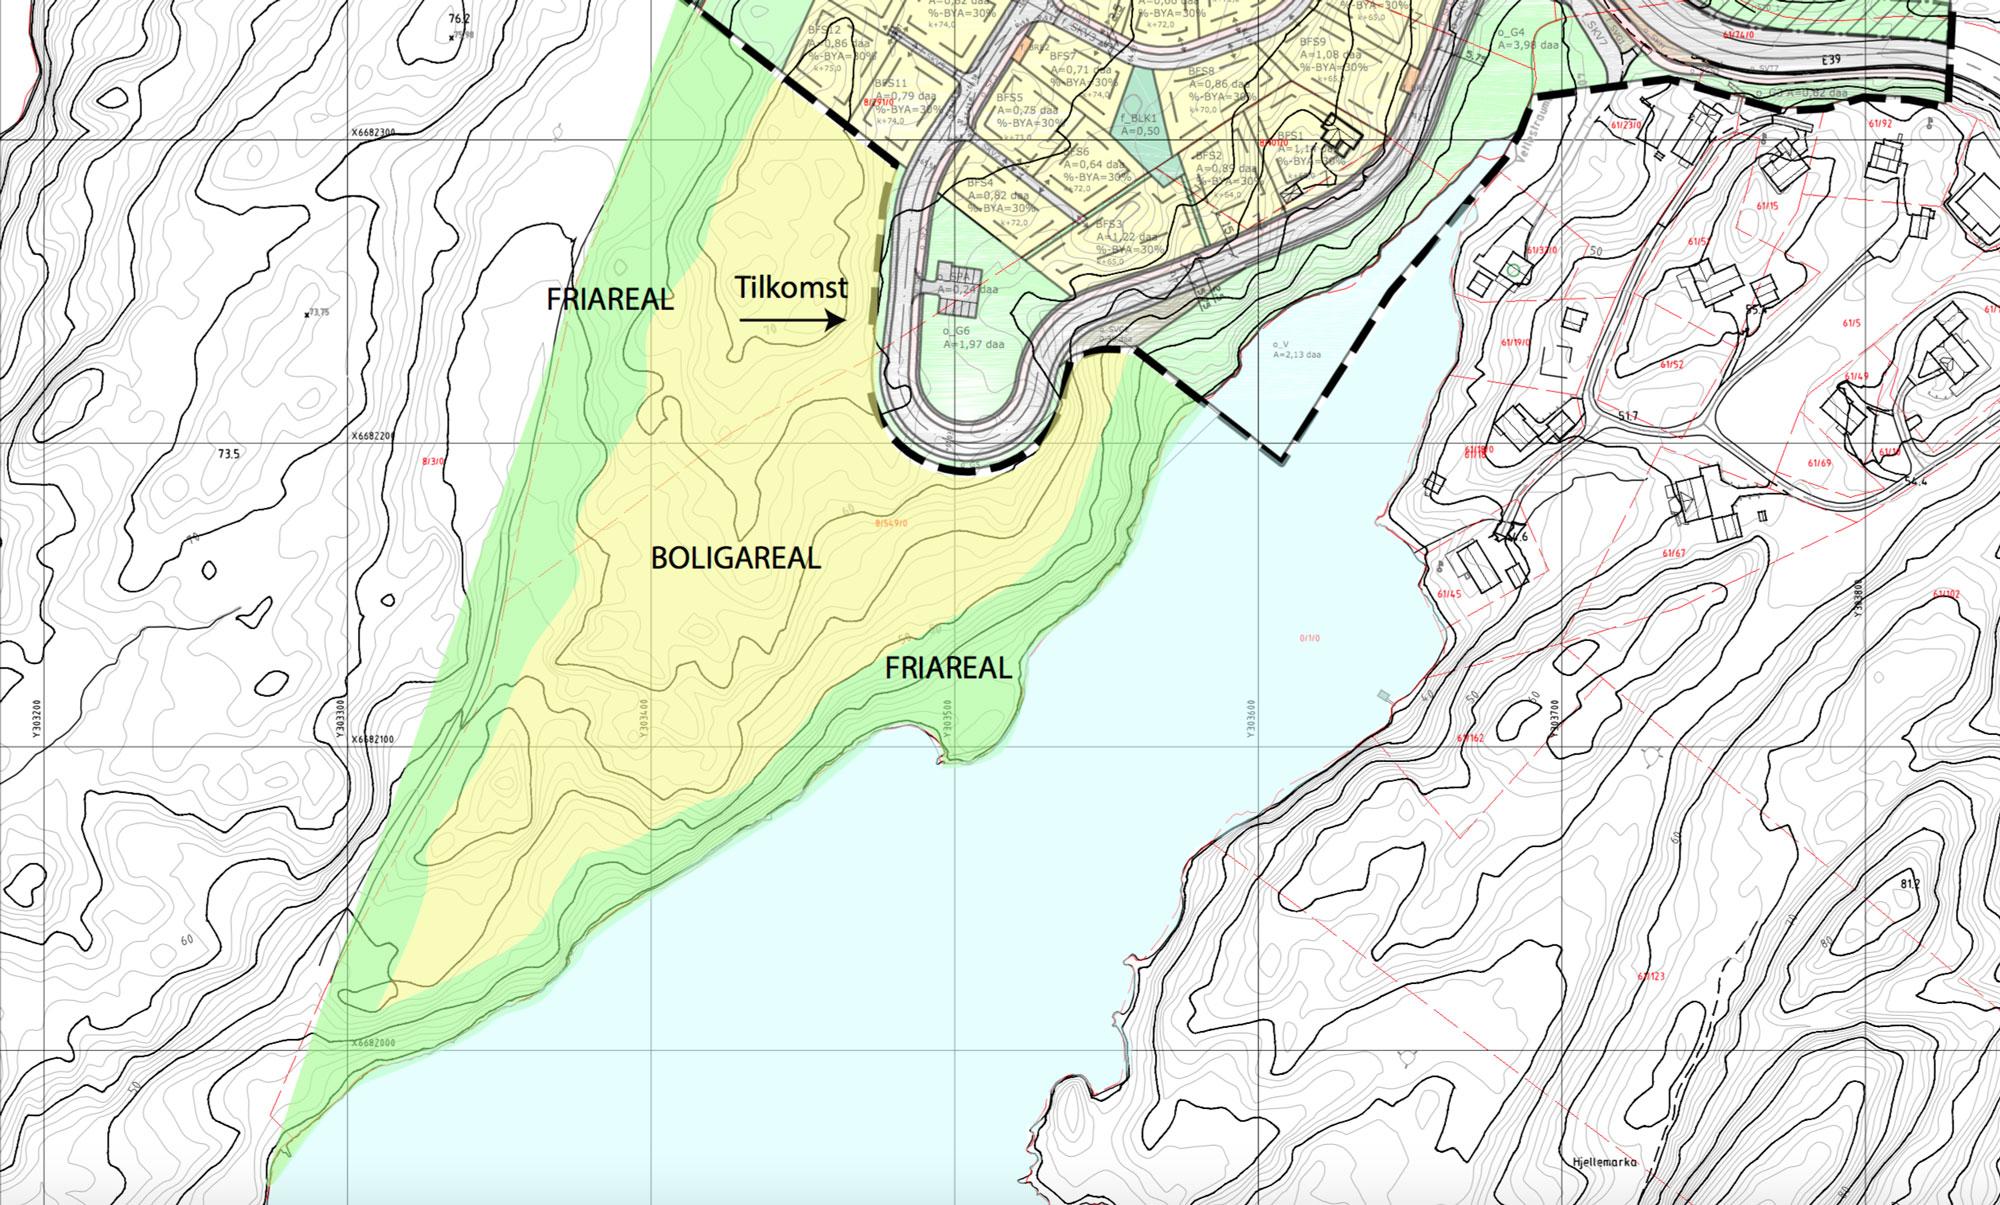 Les vårt planforslag for nytt boligområde på Gåsakilen